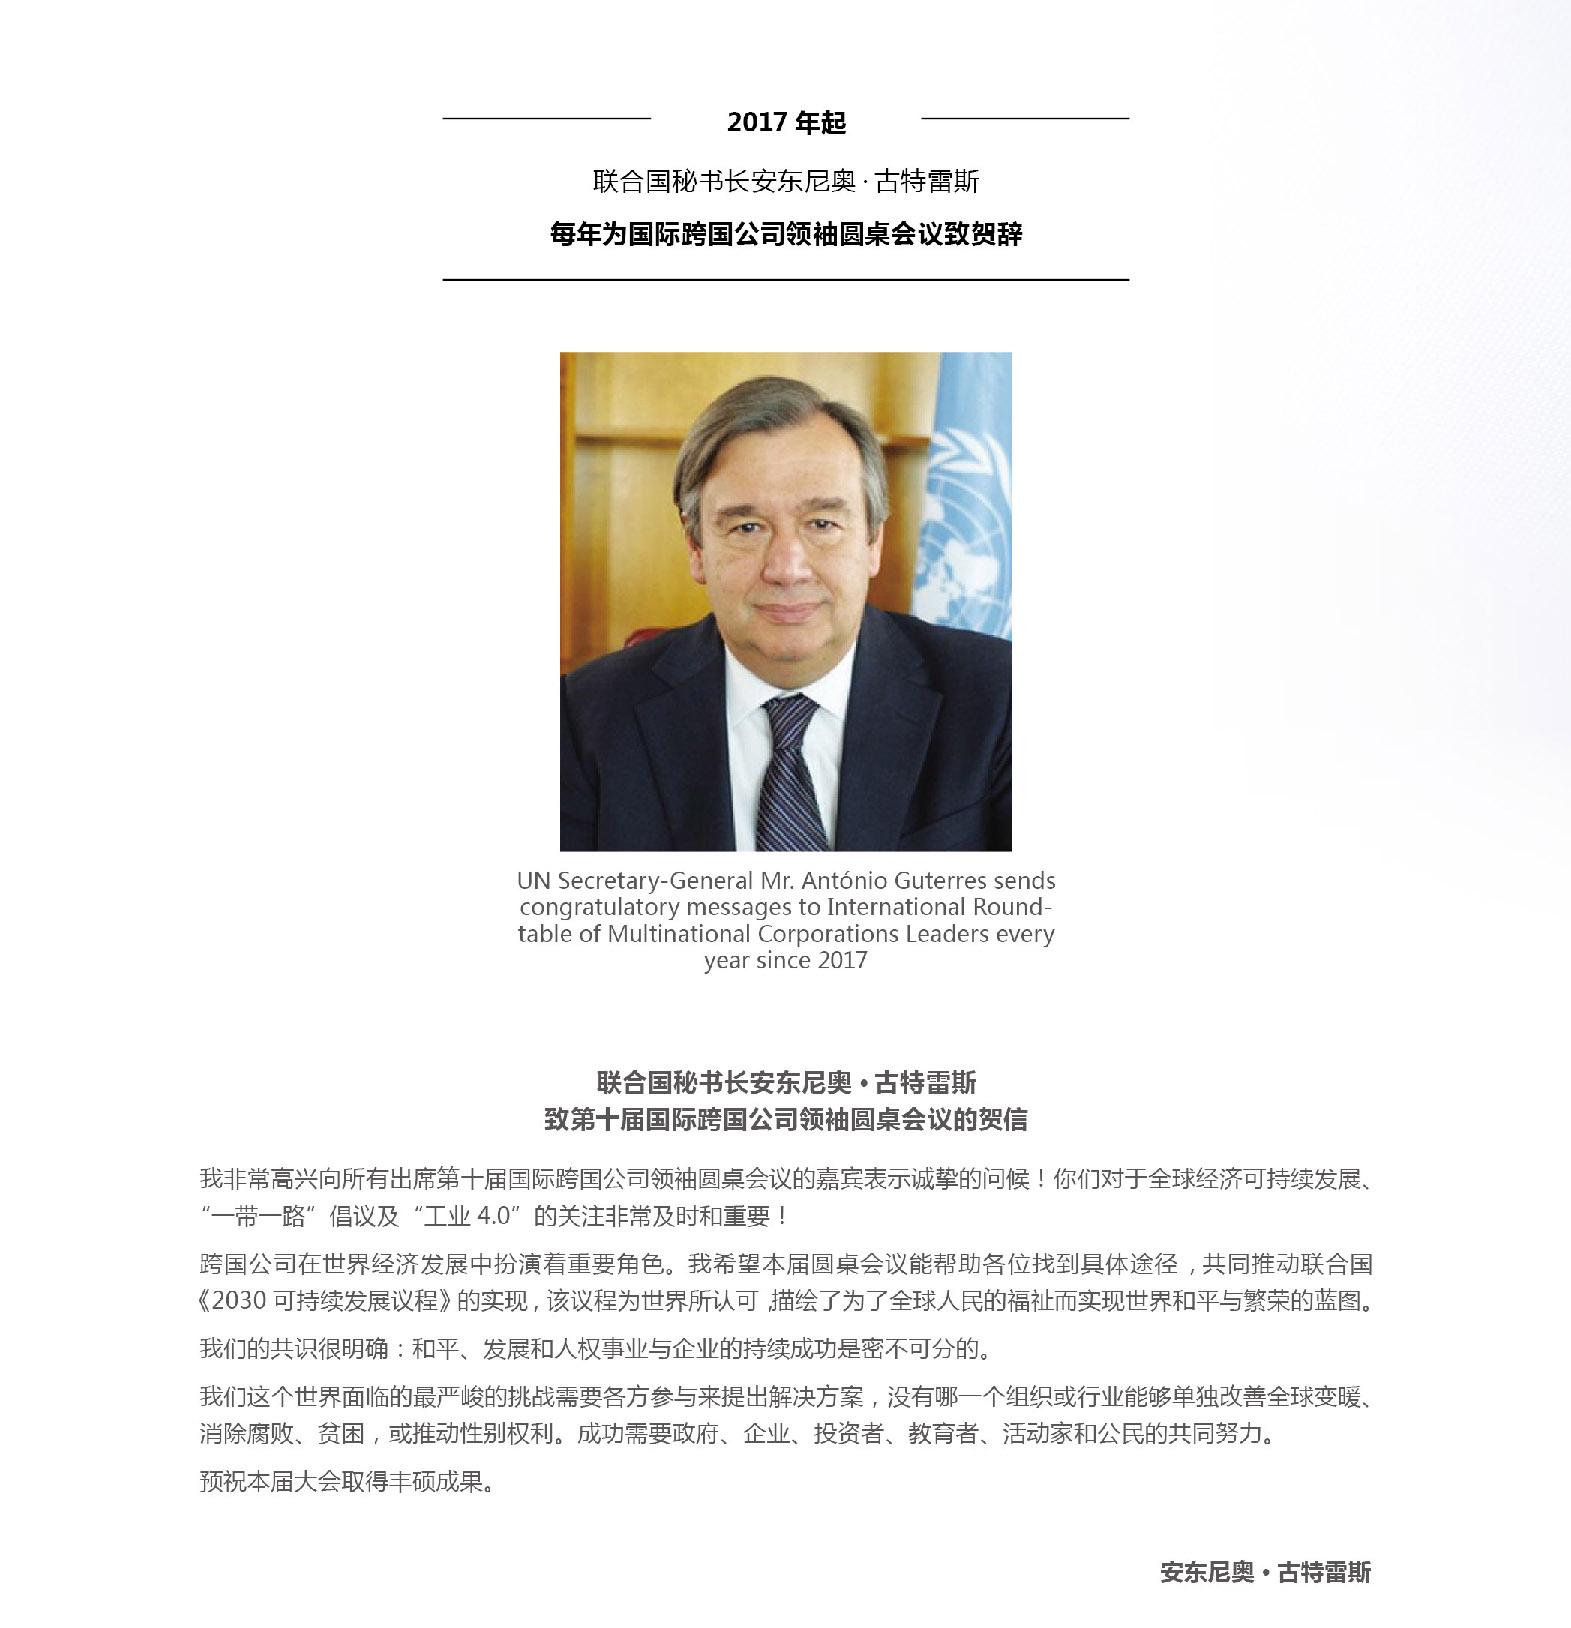 2017年起,联合国秘书长安东尼奥·古特雷斯 每年为国际跨国公司领袖圆桌会议致贺辞